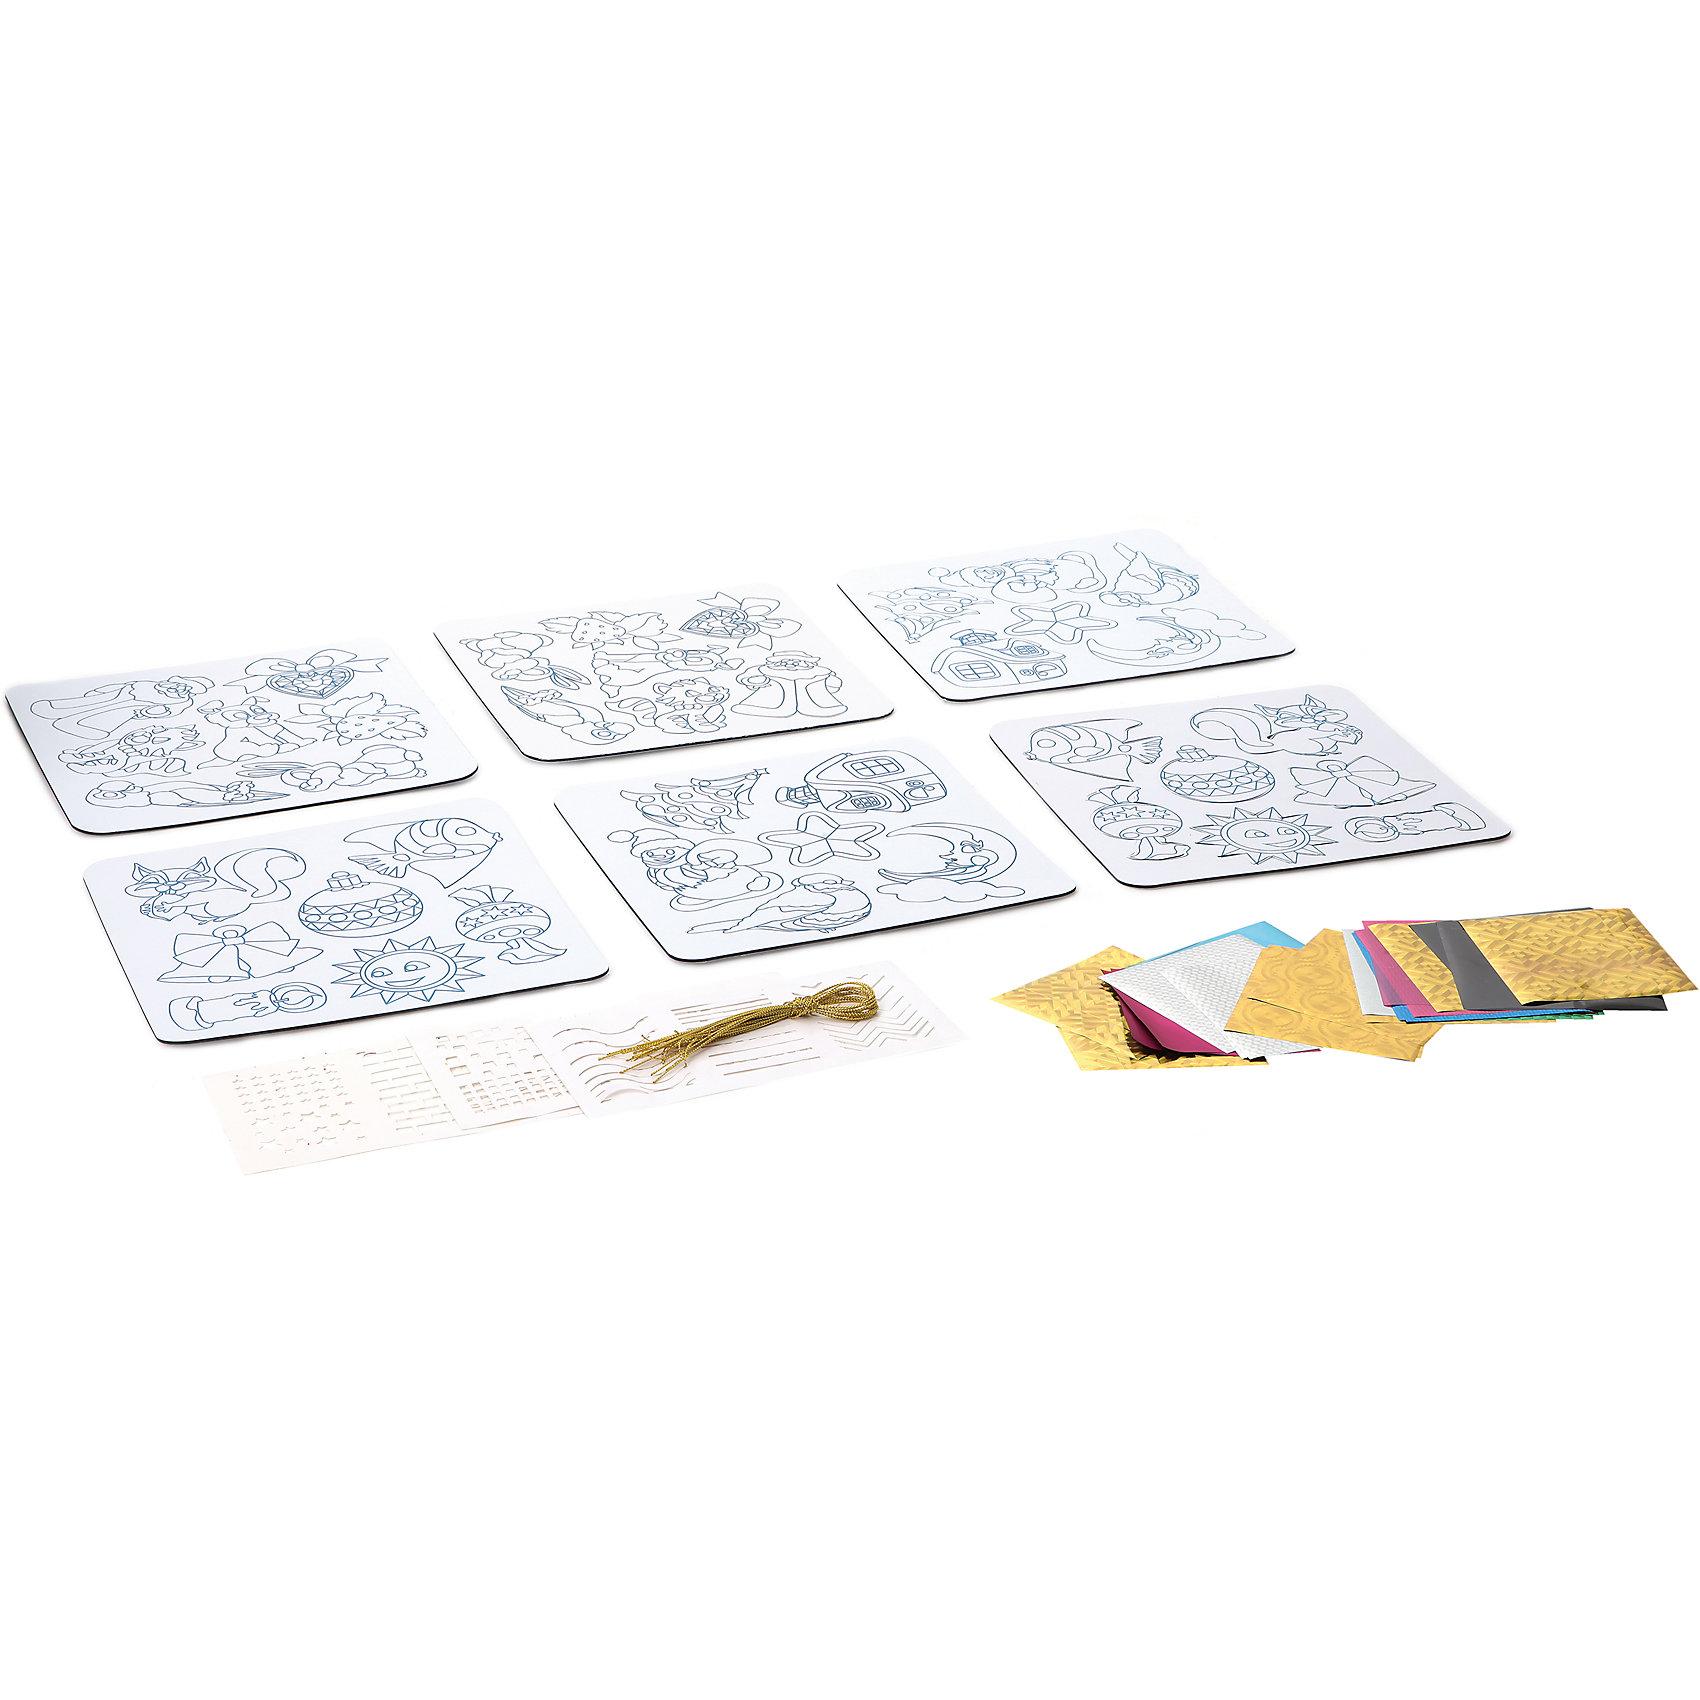 Bondibon Набор для творчества Ёлочные украшения с 3D-эффектом, Bondibon bondibon копилка в технике декопатч сердечко